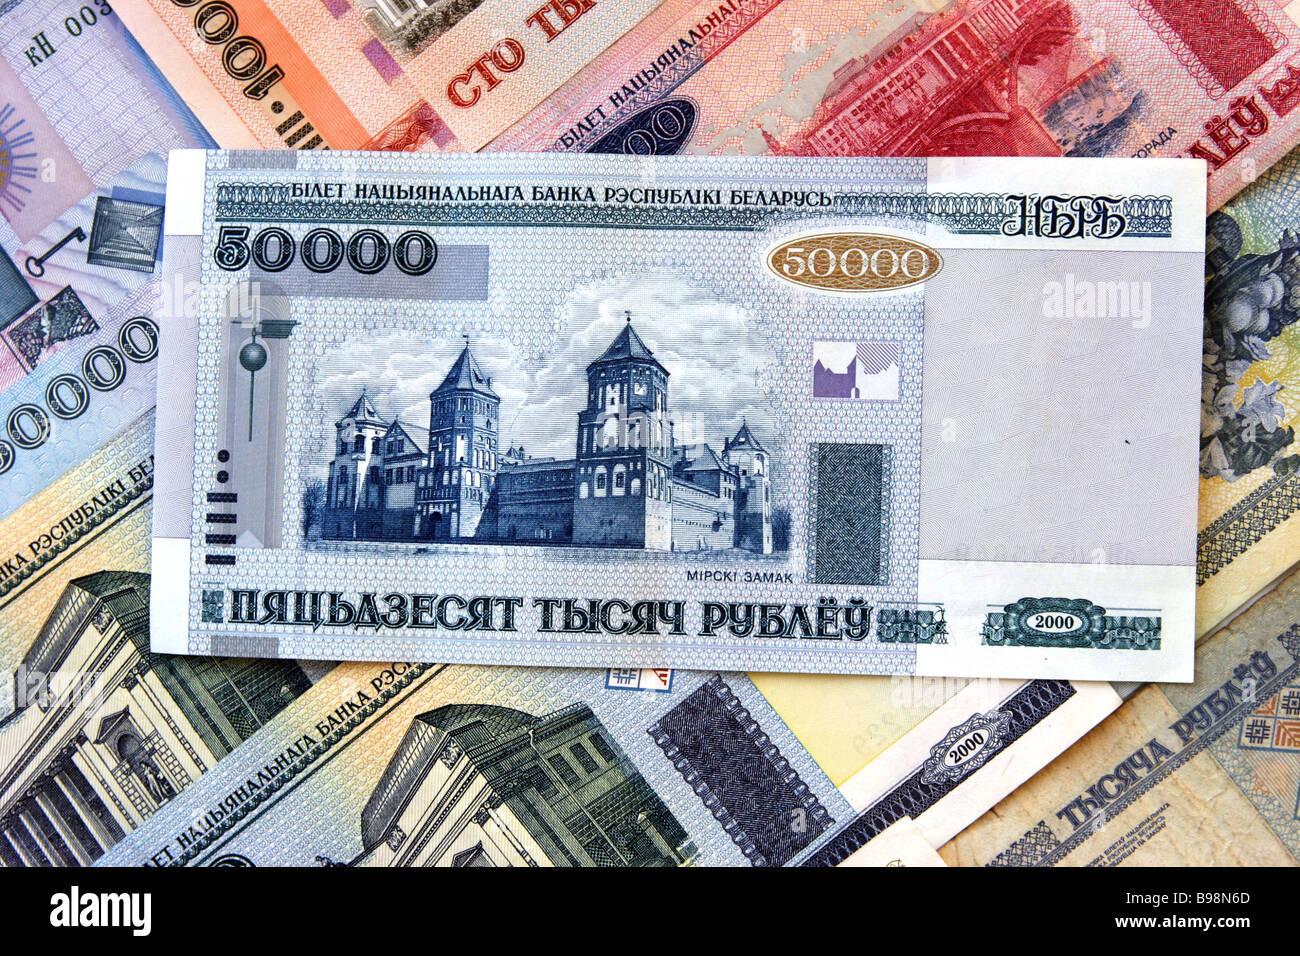 Las unidades monetarias de la República de Belarús cincuenta mil Rublos Bielorrusos Foto de stock